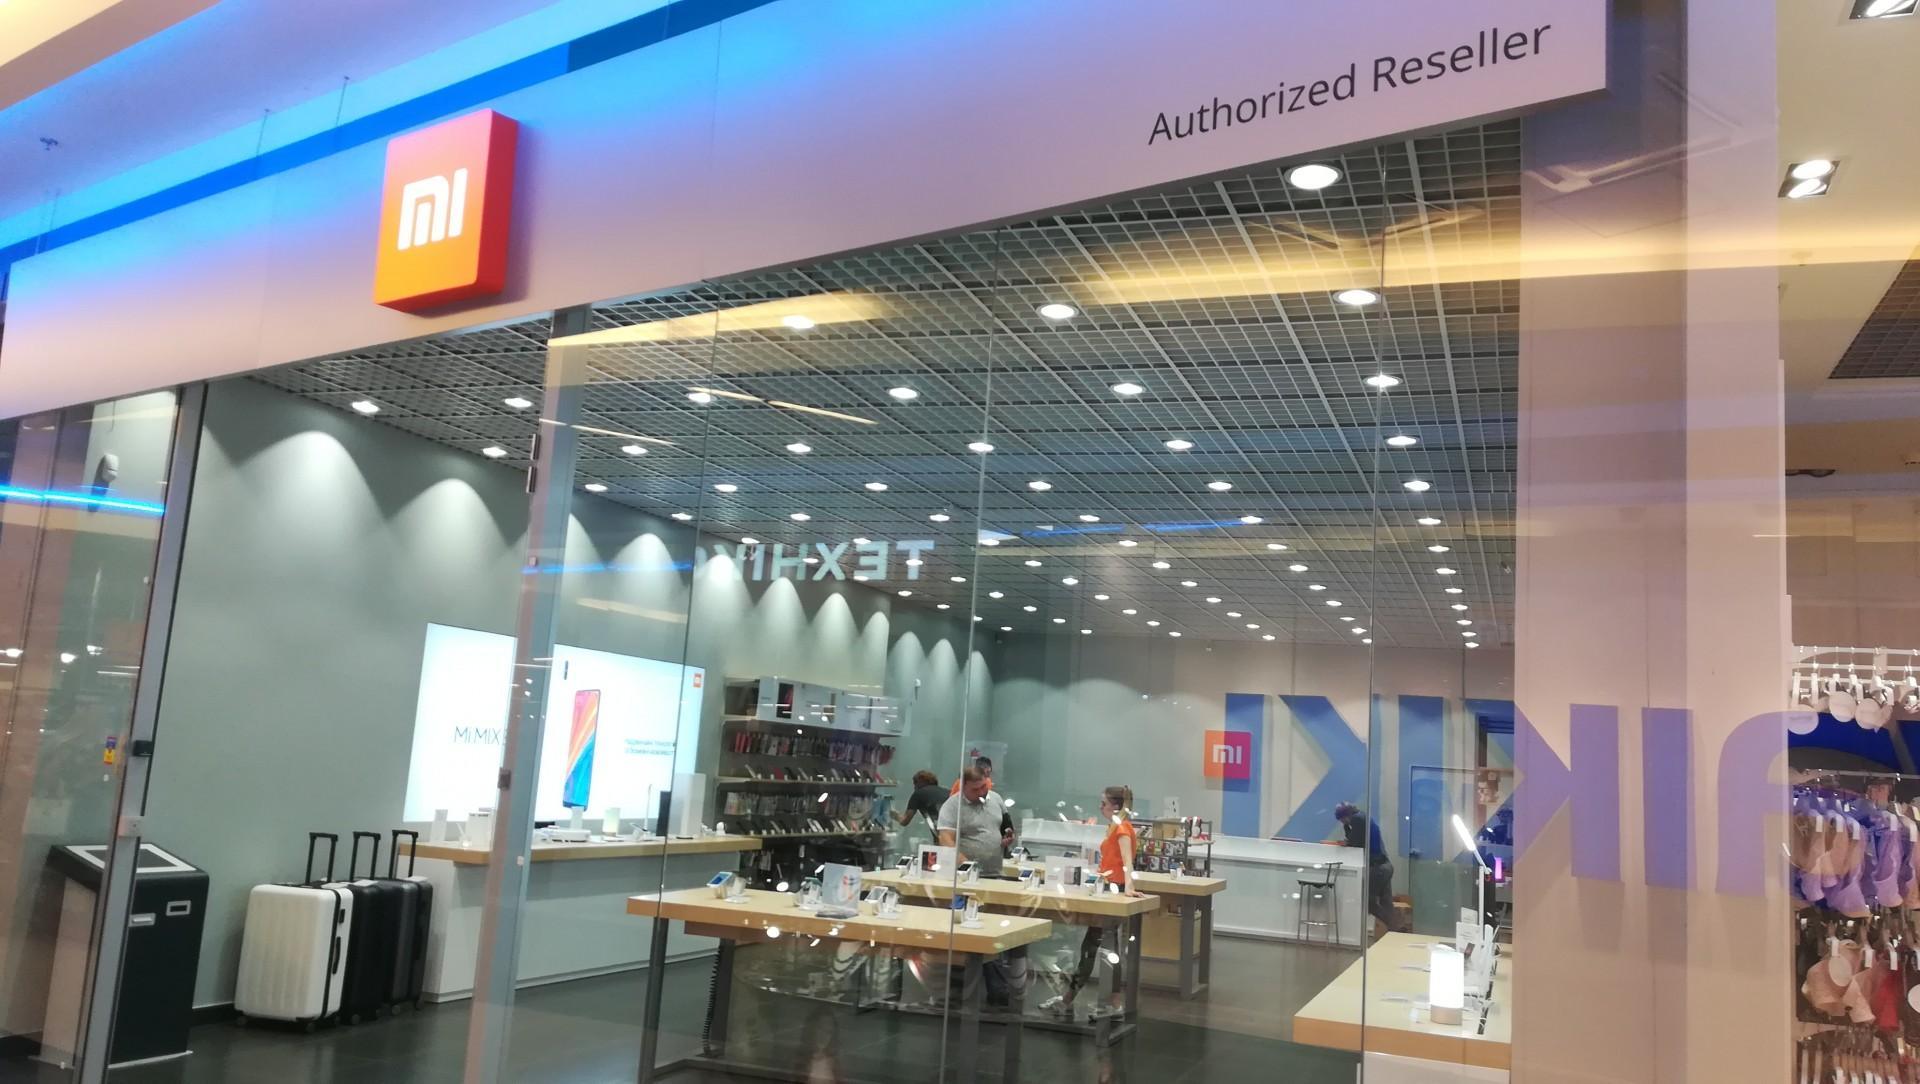 ... открылся новый магазин гаджетов Xiaomi. Как сообщает пресс-служба  торгово-развлекательного центра 139bdcacd448e